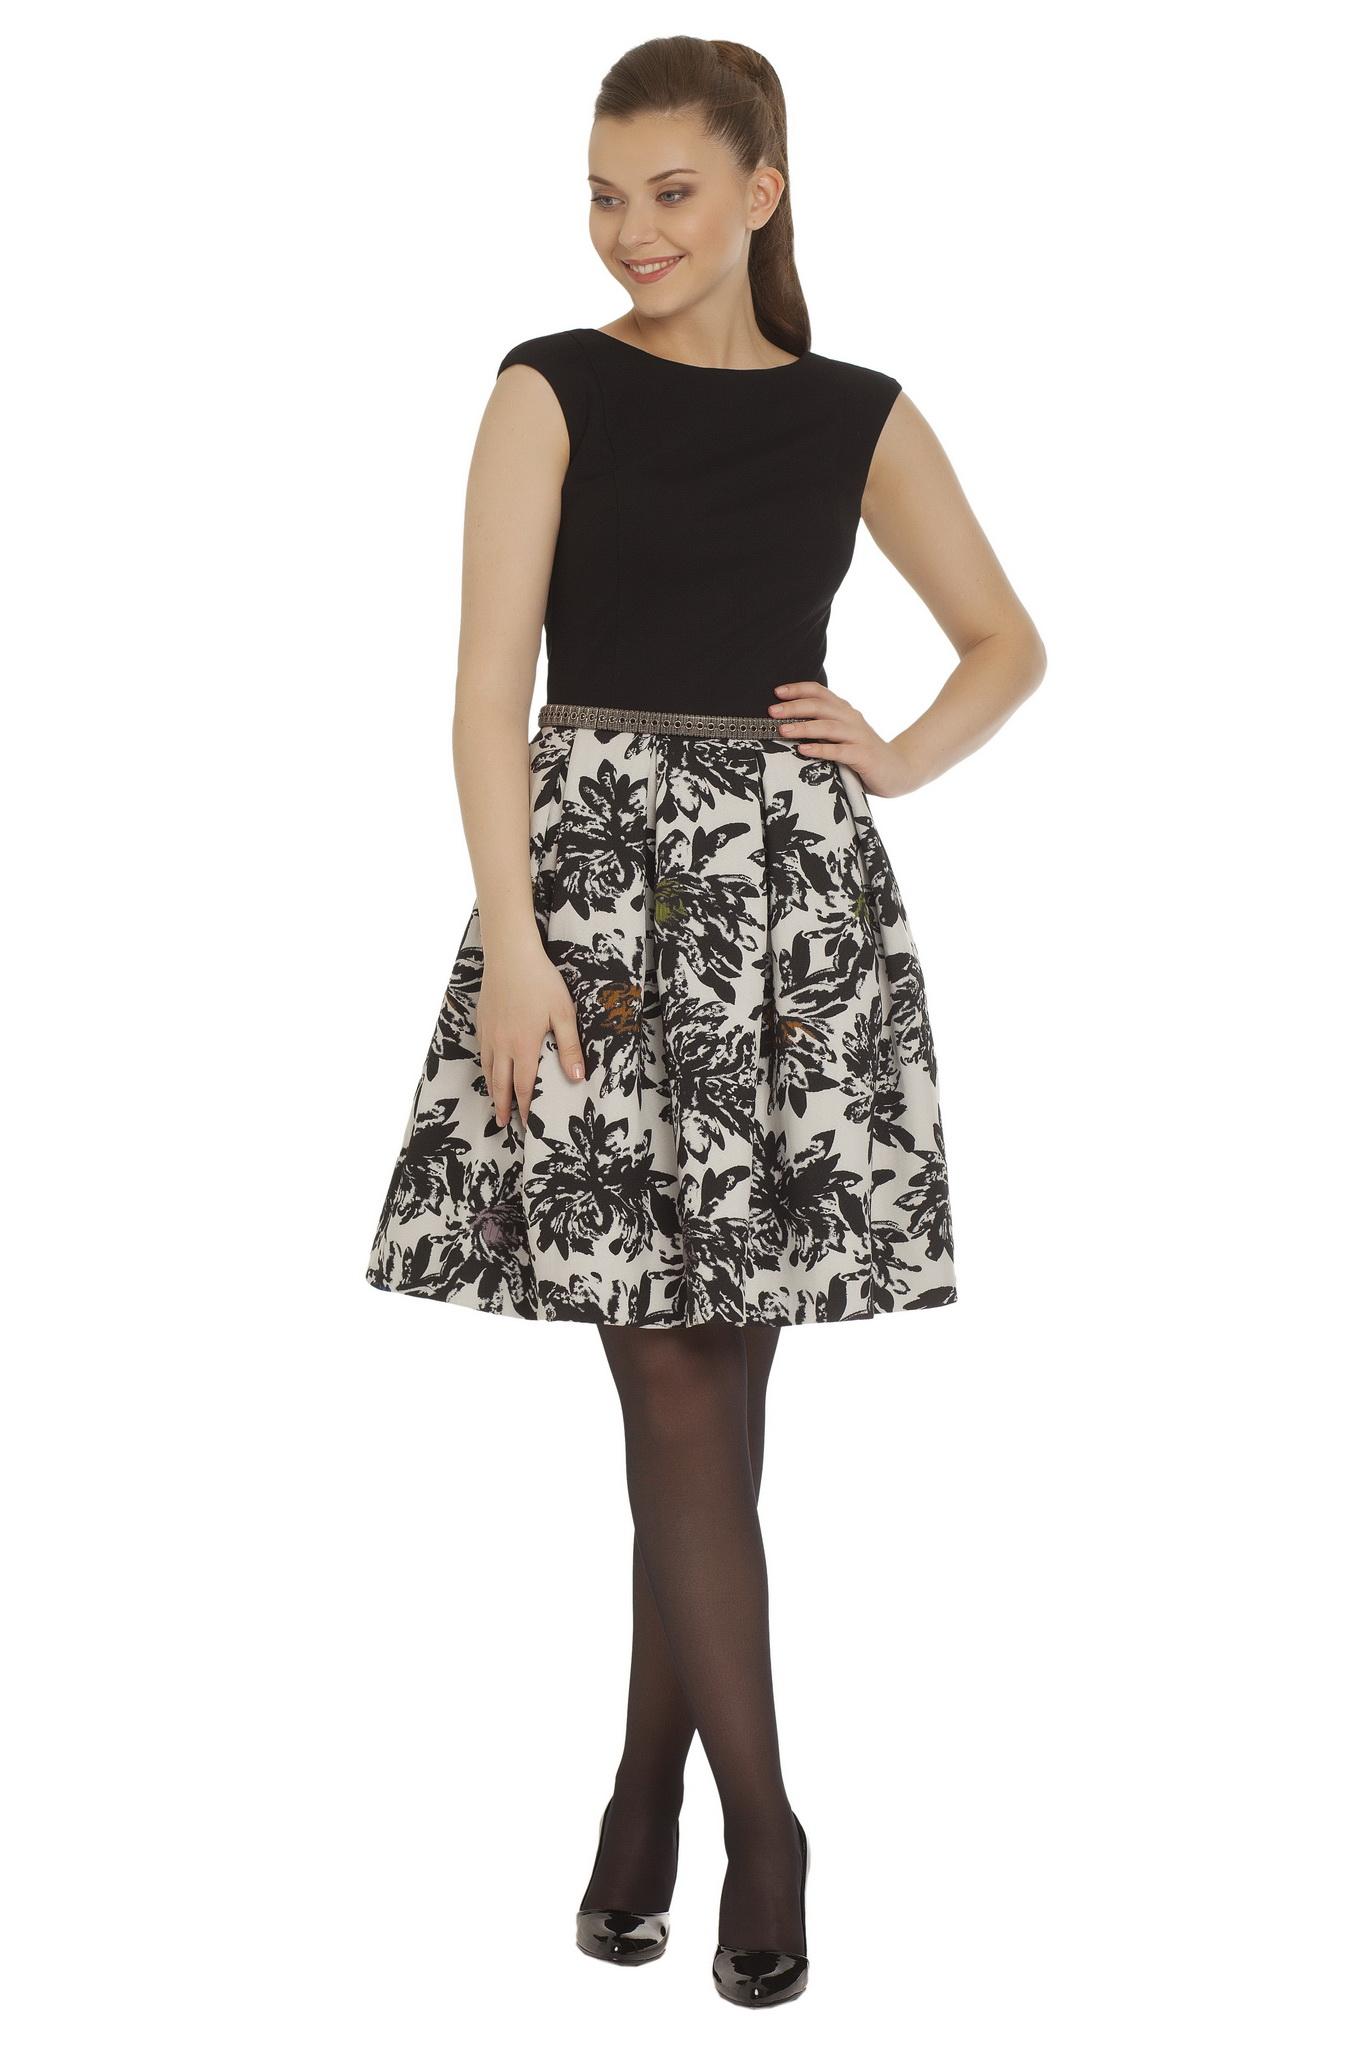 Новый бренд Antig@- классическая одежда для современных женщин. От юбки до пальто, размер с 36 по 66! Цены более чем приятные. Есть распродажа